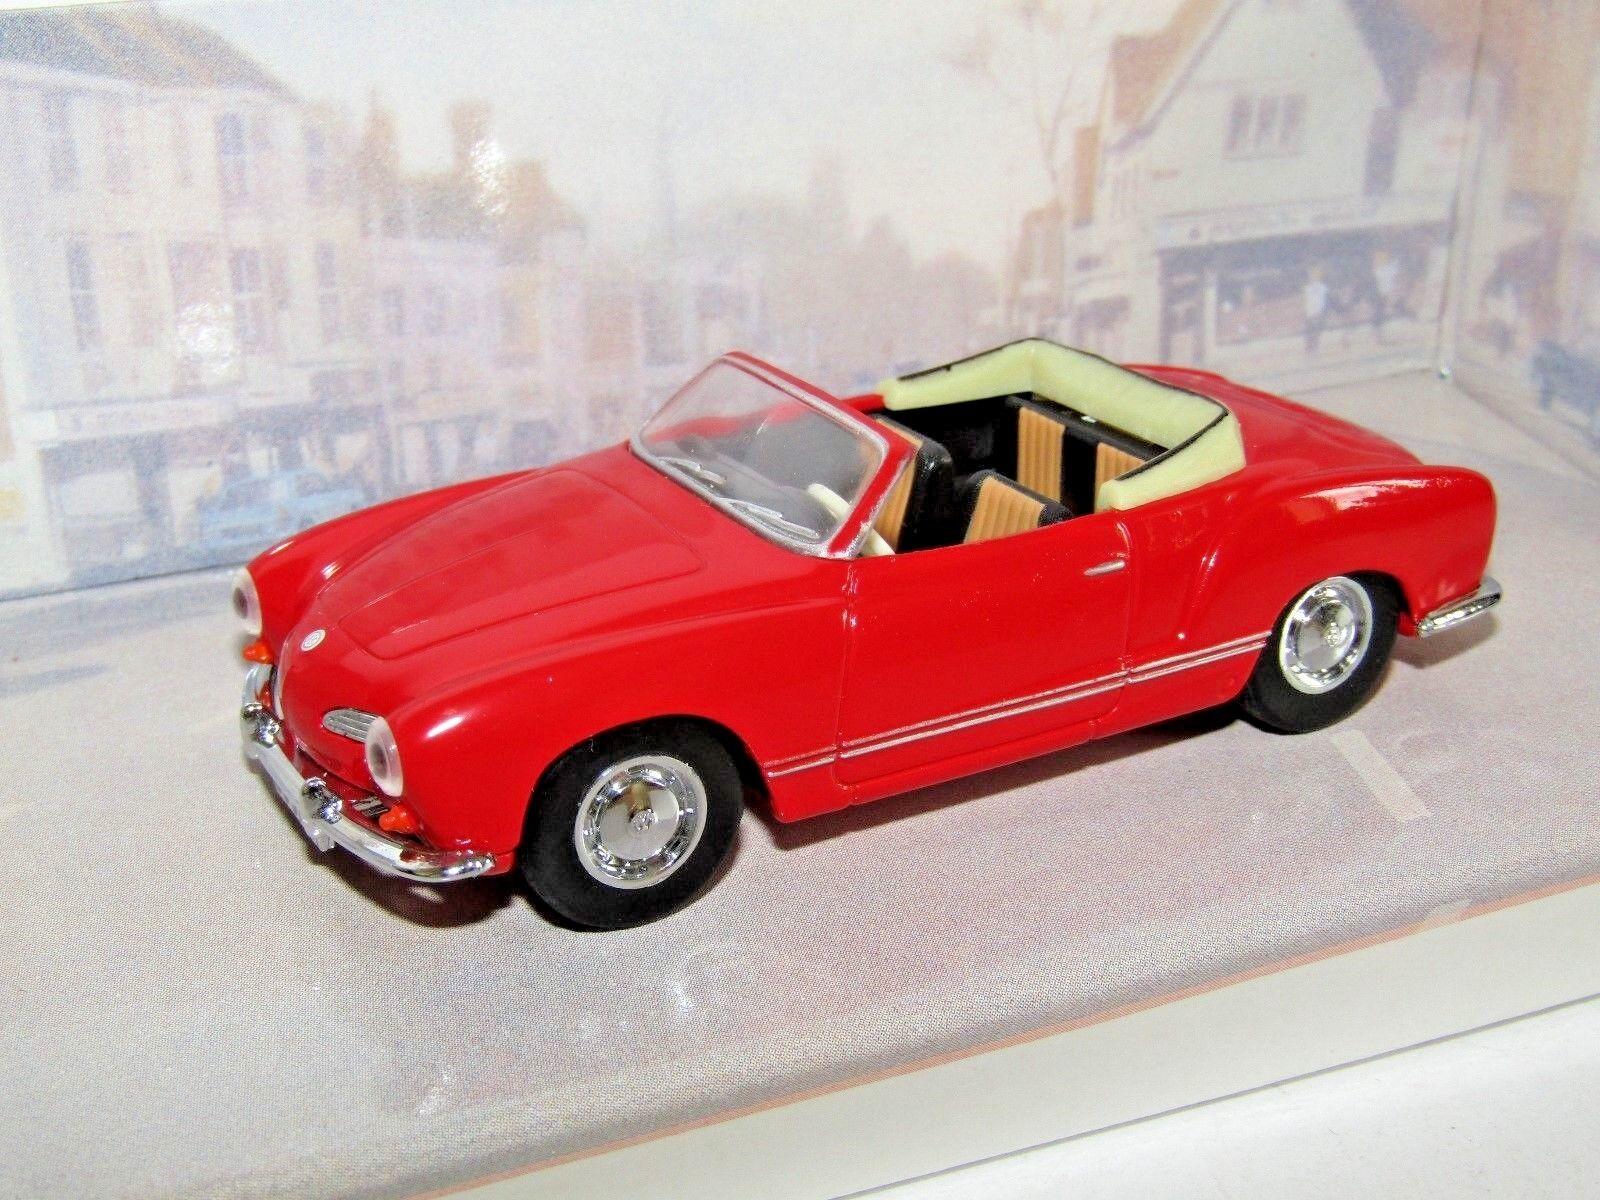 MATCHBOX DINKY 1968 VW KARMANN GHIA GHIA GHIA CONgreenIBLE RED 1 43 DY035 A 5d7fd6